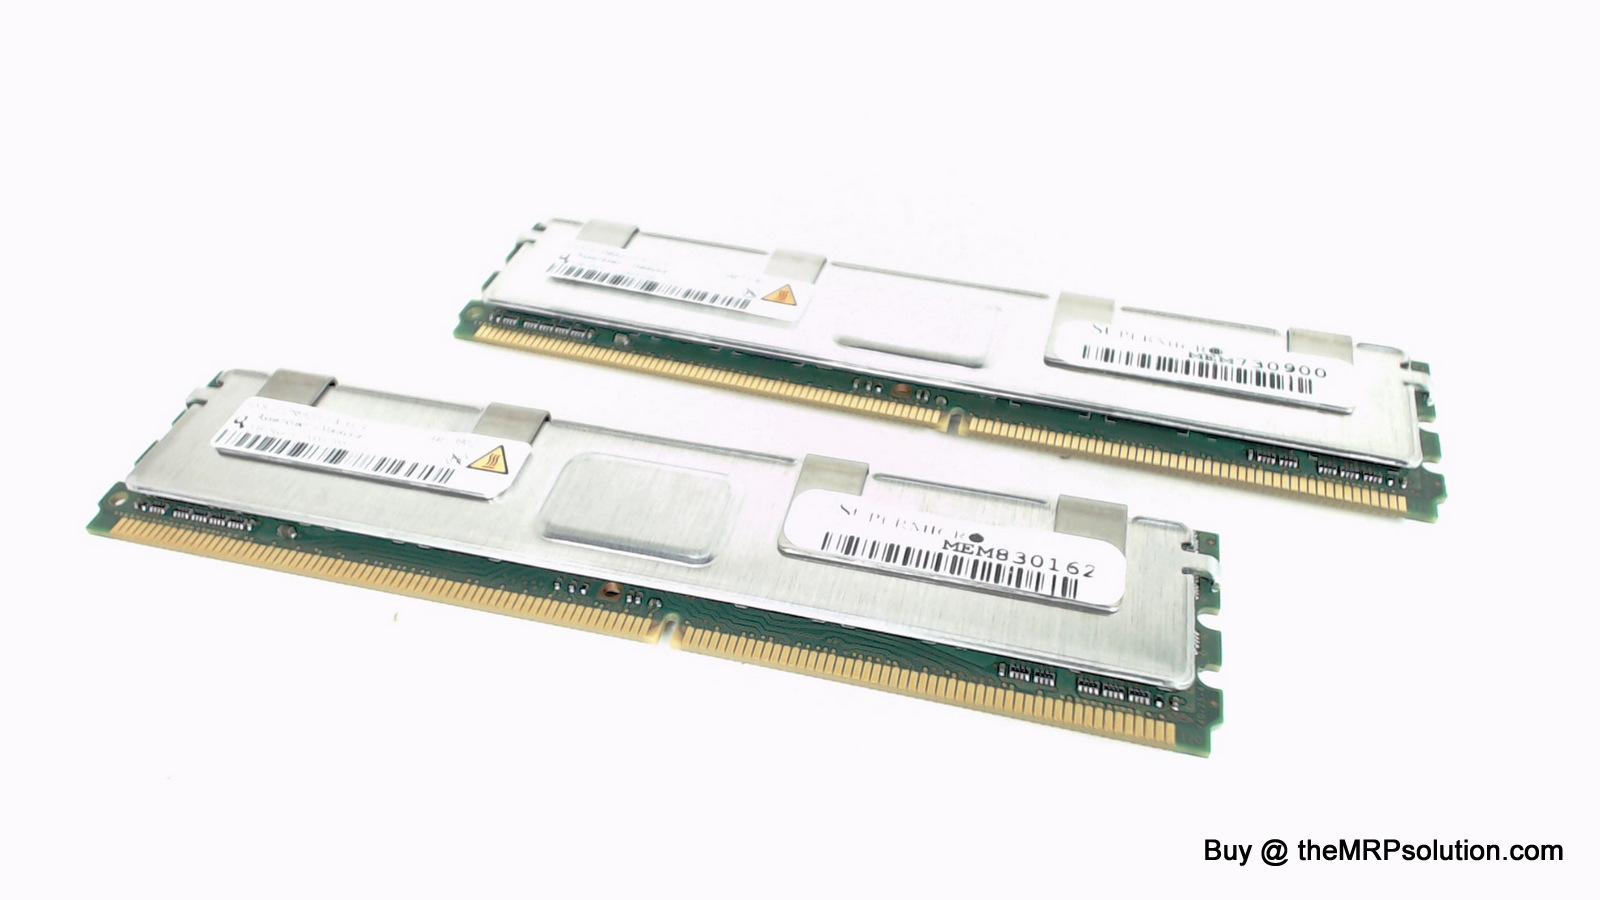 DELL NP551 2GB, 2RX4, PC2-5300F-555-11-EO Refurbished